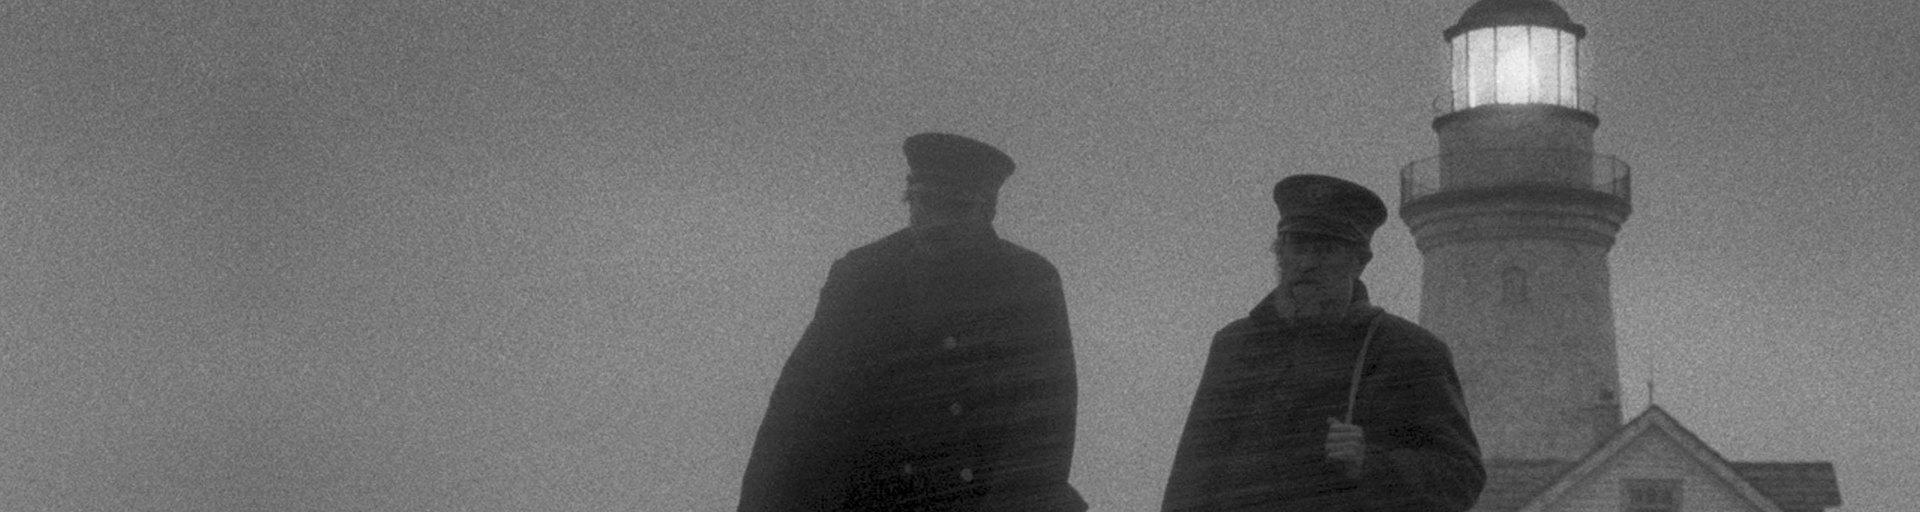 Отцы иДети или заблудшие души грешников: каким получился хоррор «Маяк» сРобертом Паттинсоном иУиллемом Дефо